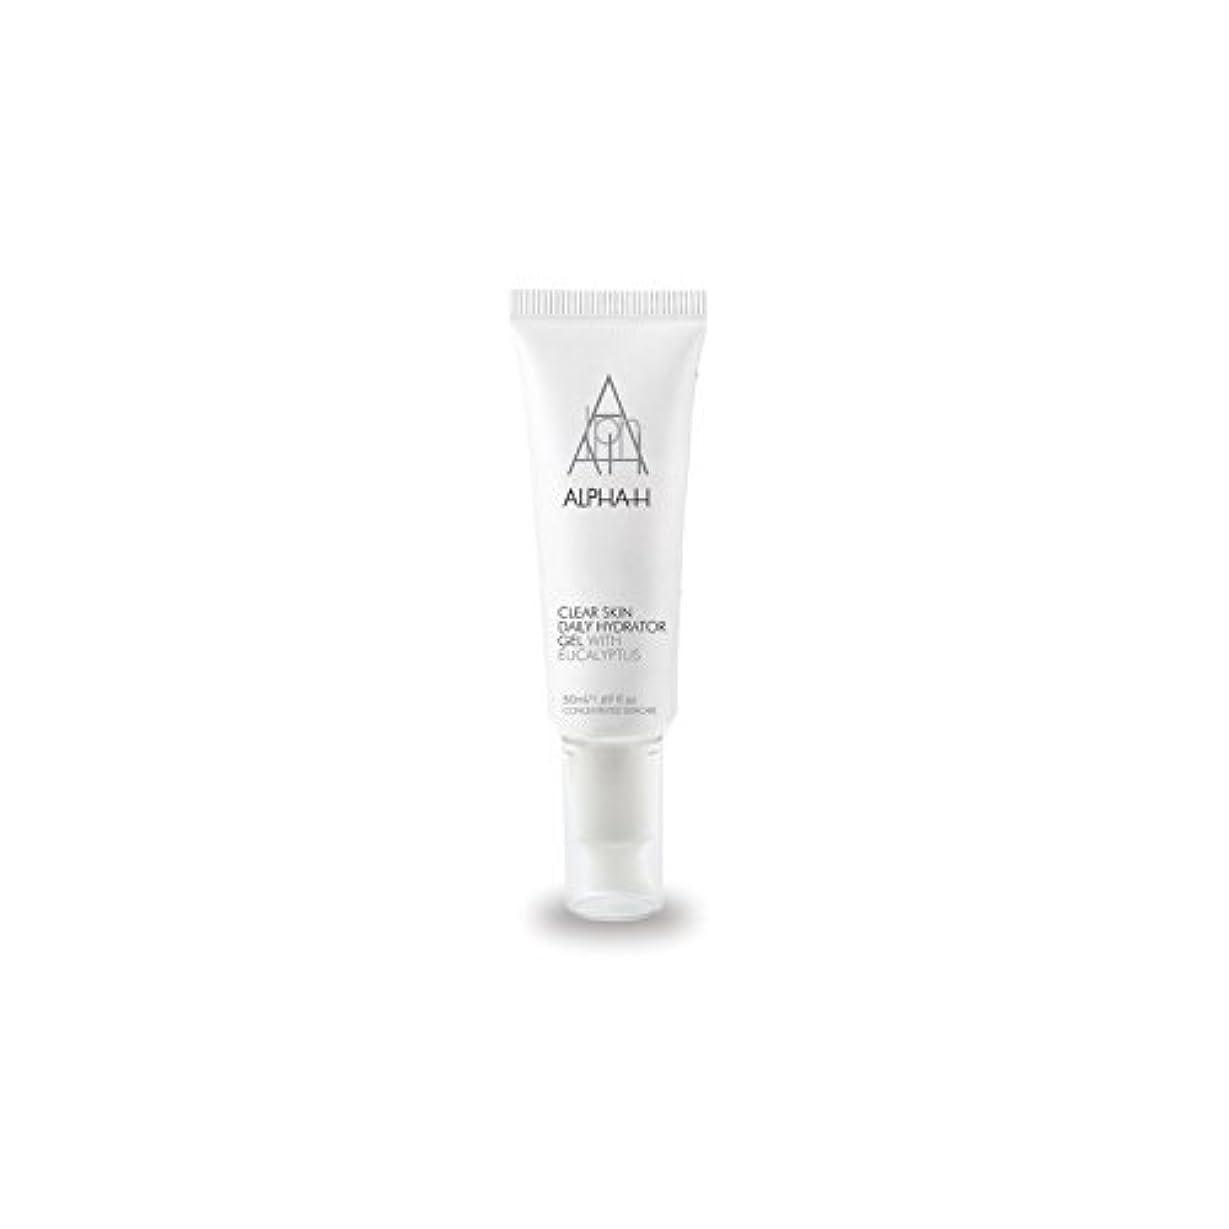 飢契約した経過アルファクリア皮膚毎日ハイドレーターゲル(50)中 x2 - Alpha-H Clear Skin Daily Hydrator Gel (50ml) (Pack of 2) [並行輸入品]